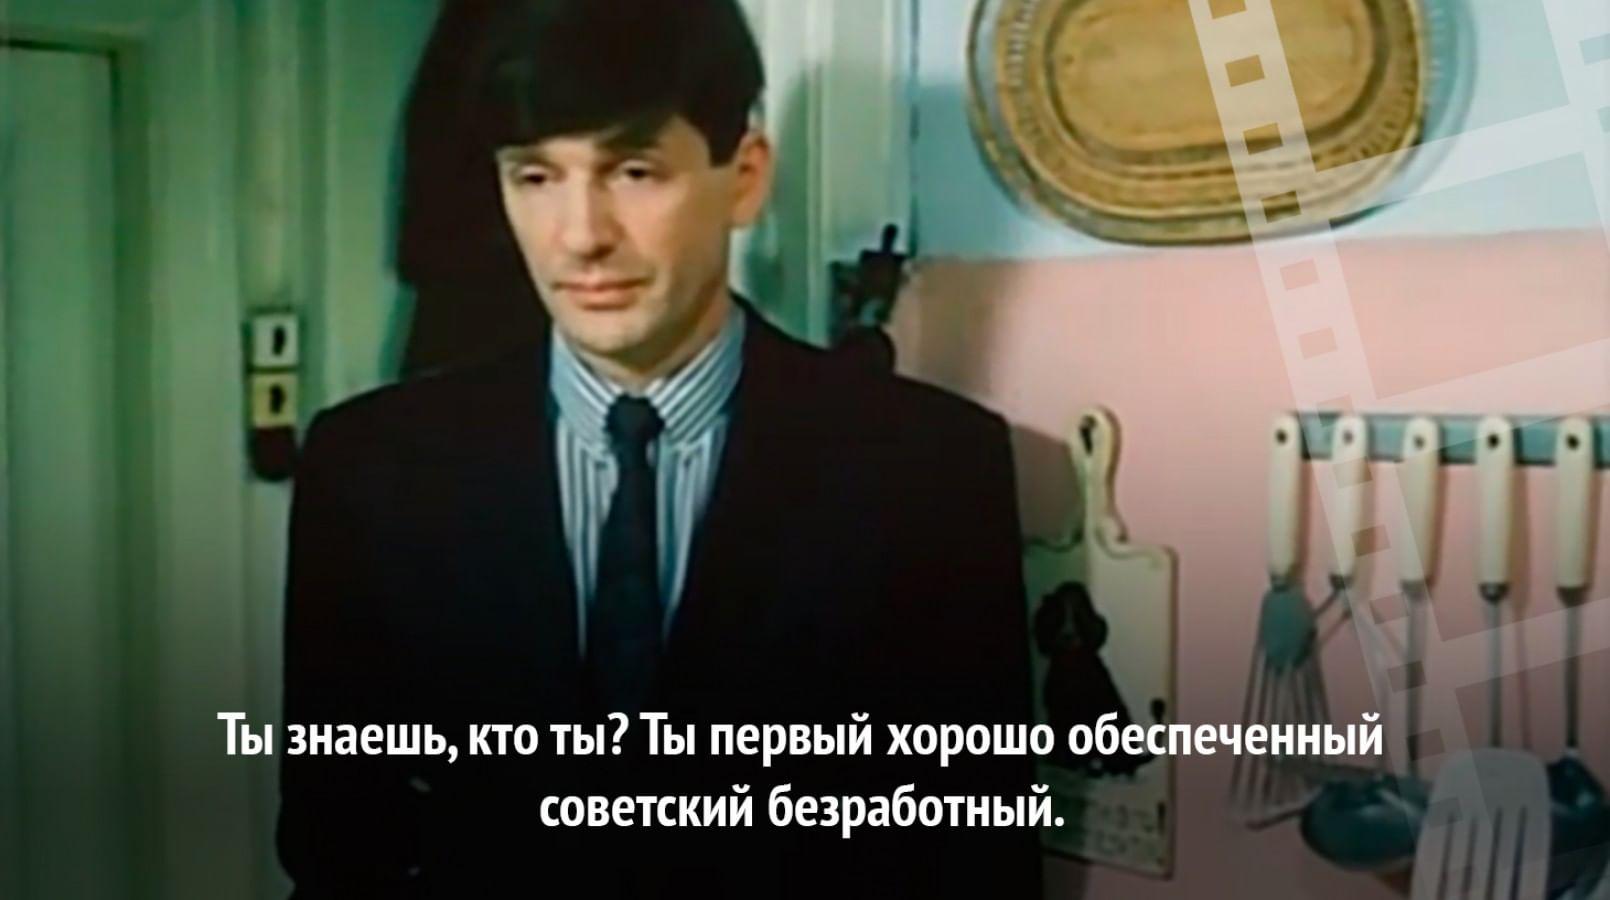 Кооператор и изобретатель Сергей Ненашев в фильме «Гений» не гнушался занятий мошенничеством.